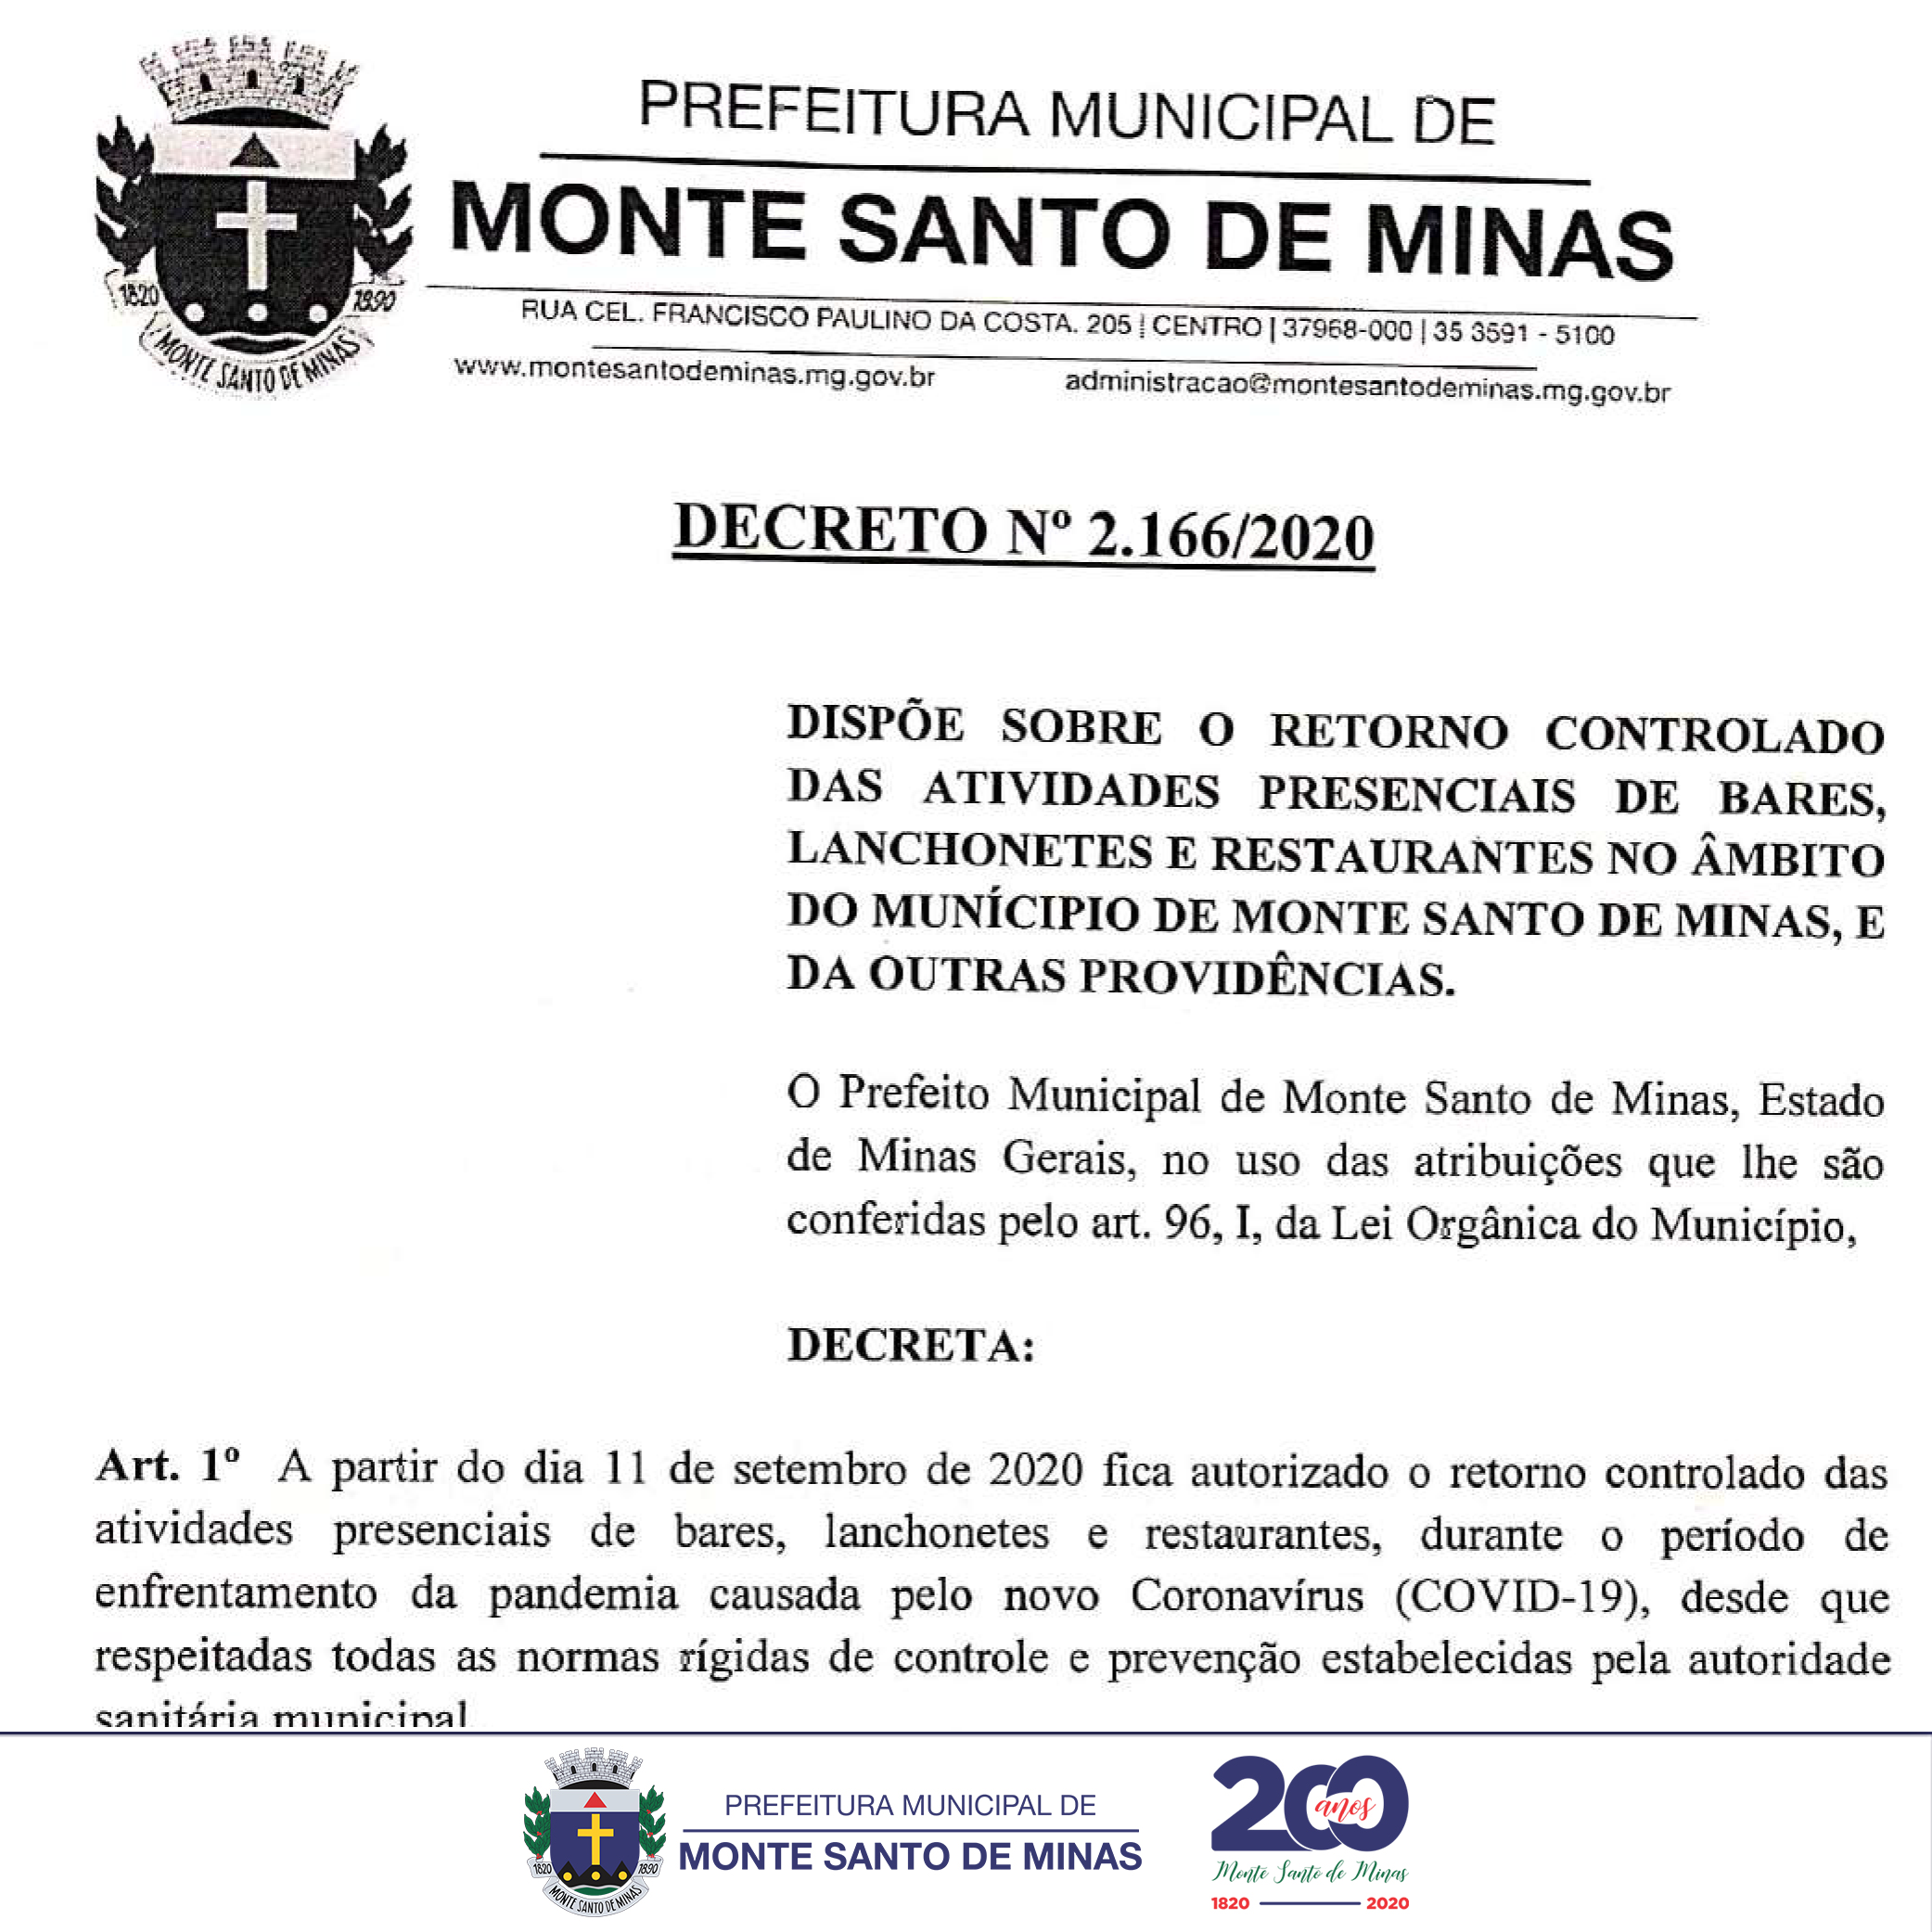 DECRETO - 2.166/2020